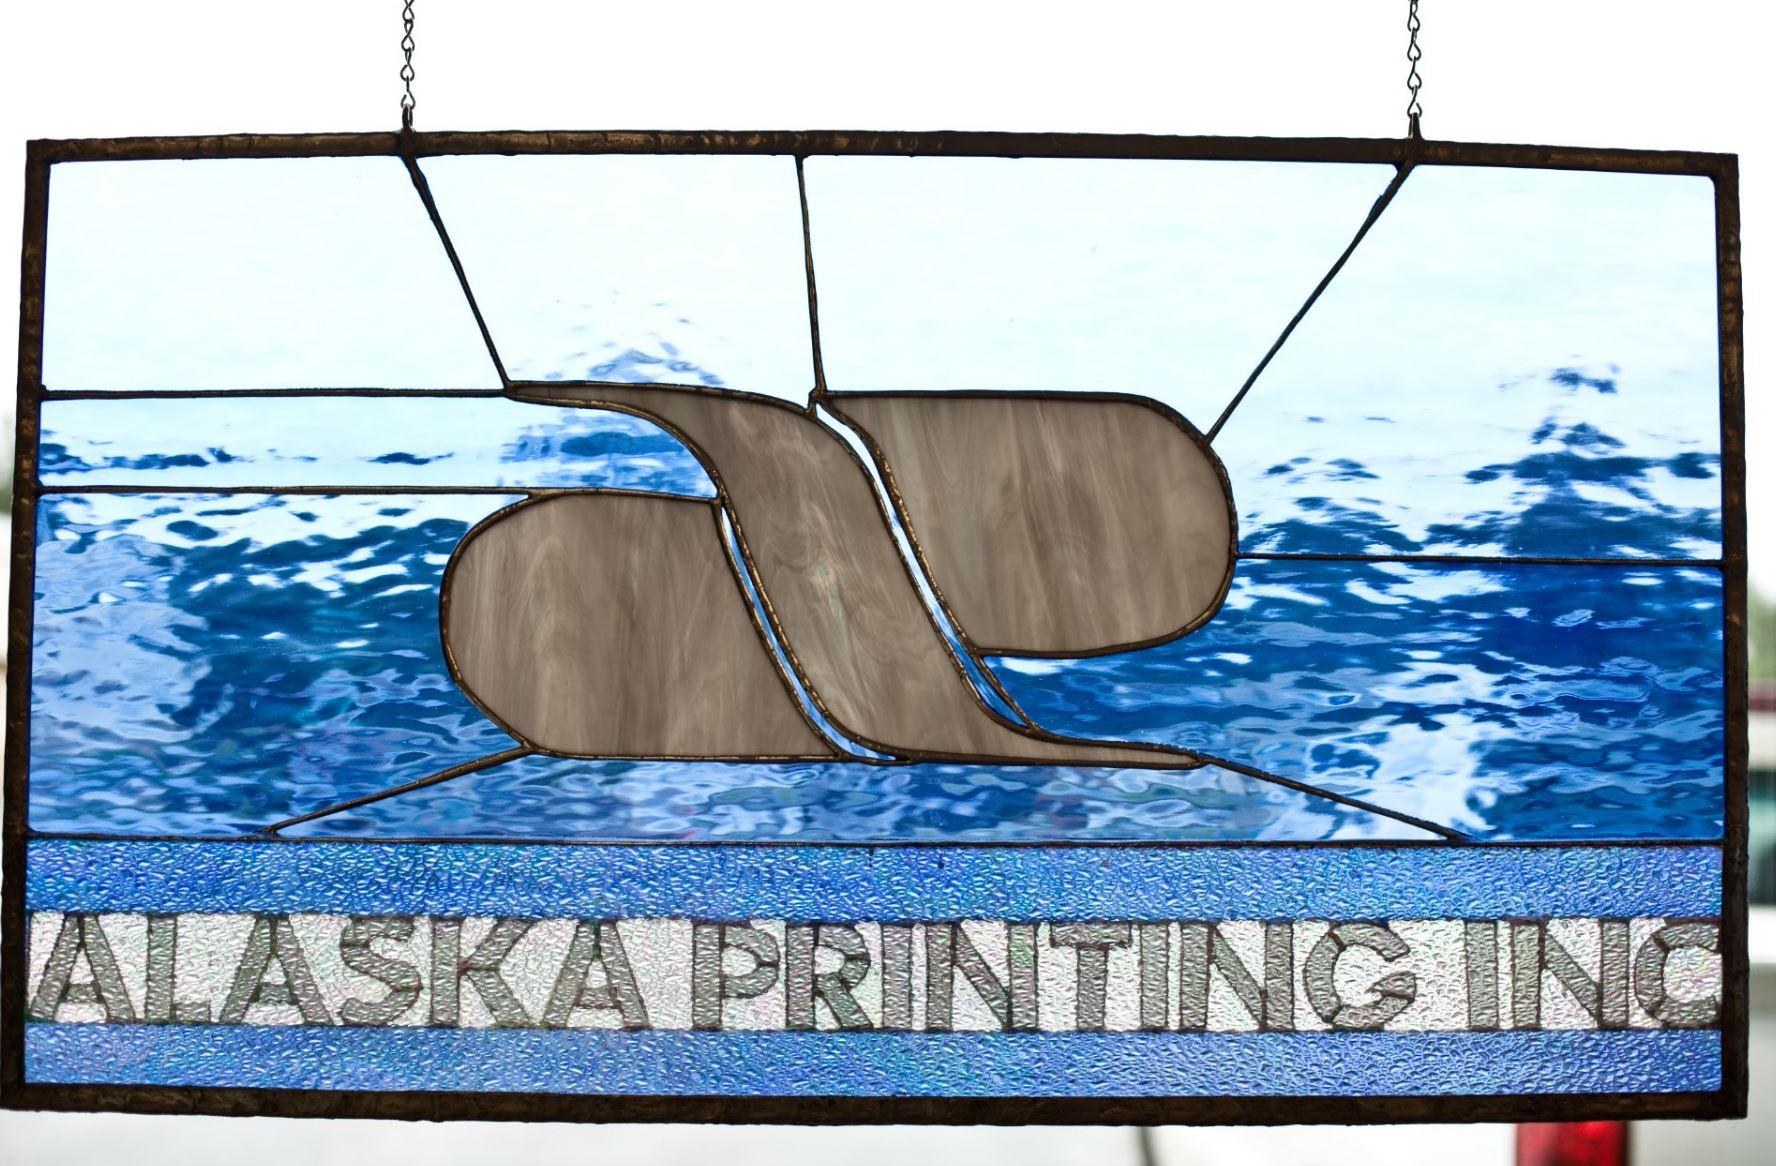 Alaska Printing, Inc. image 0